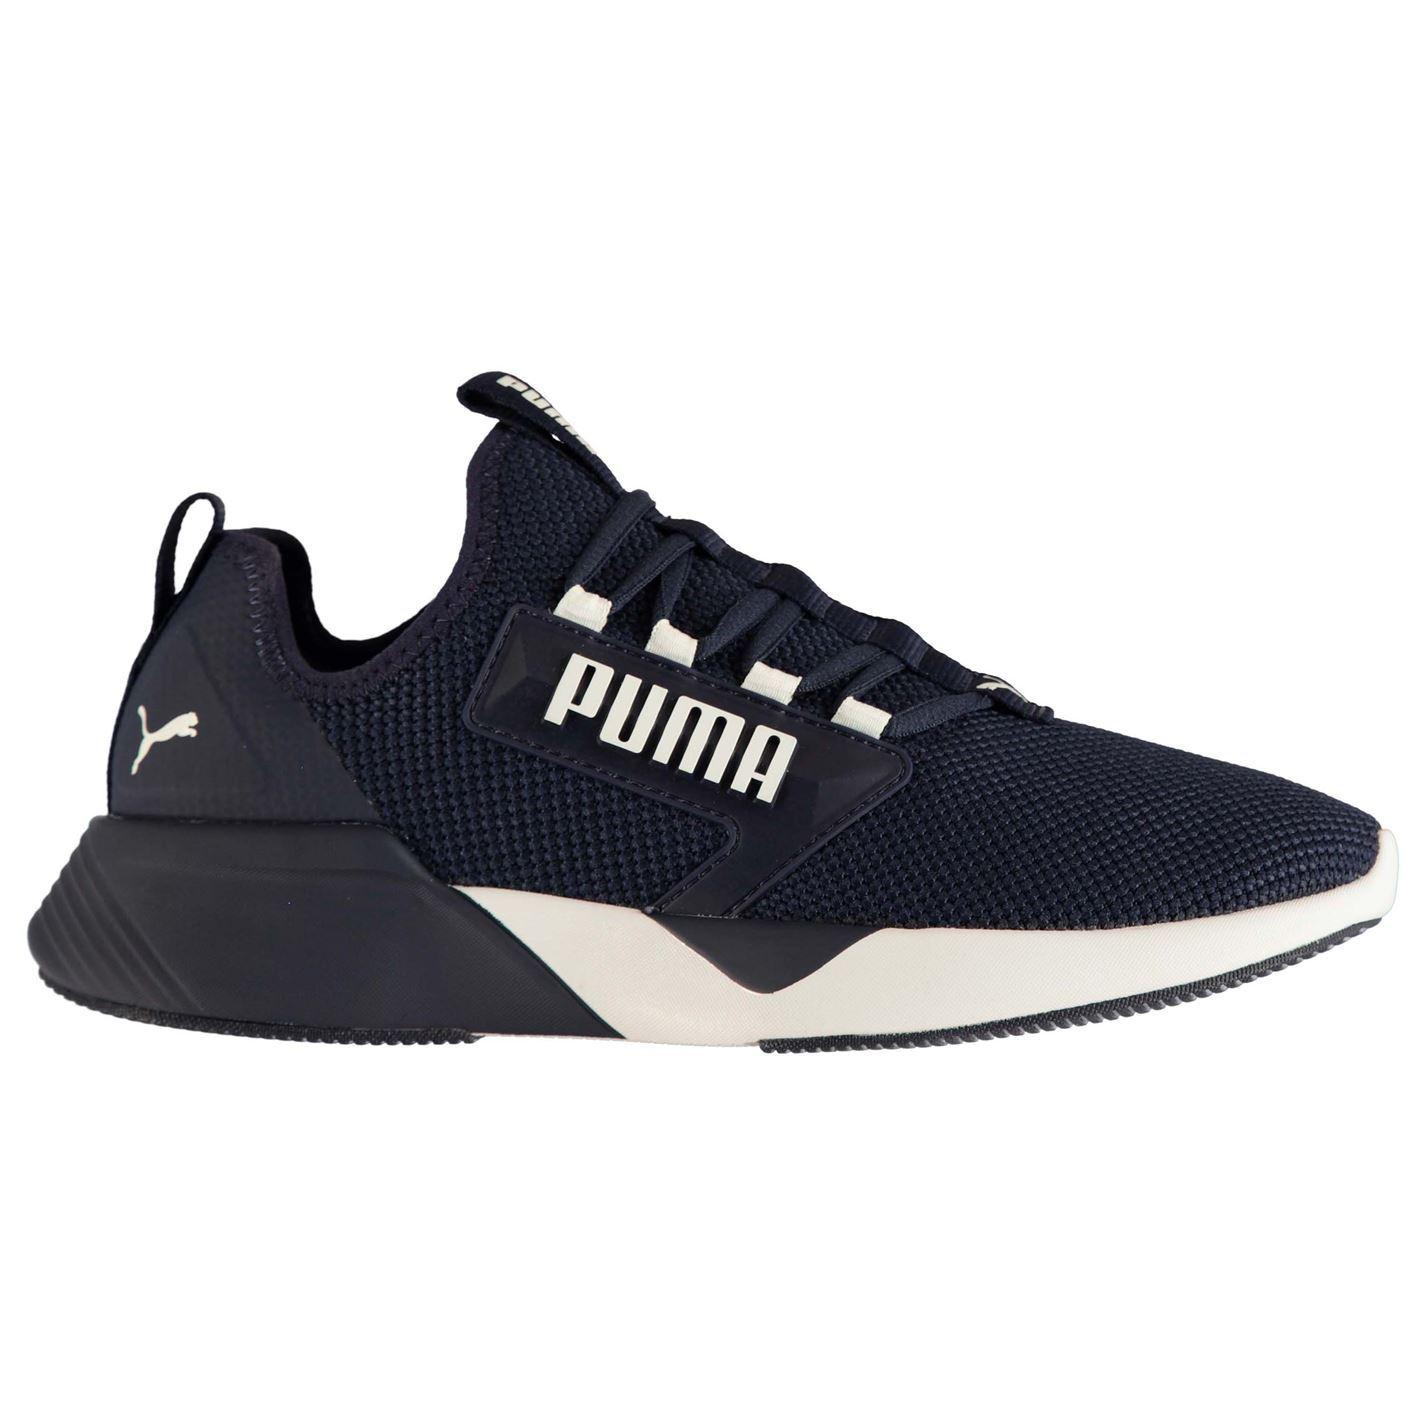 puma scarpe palestra